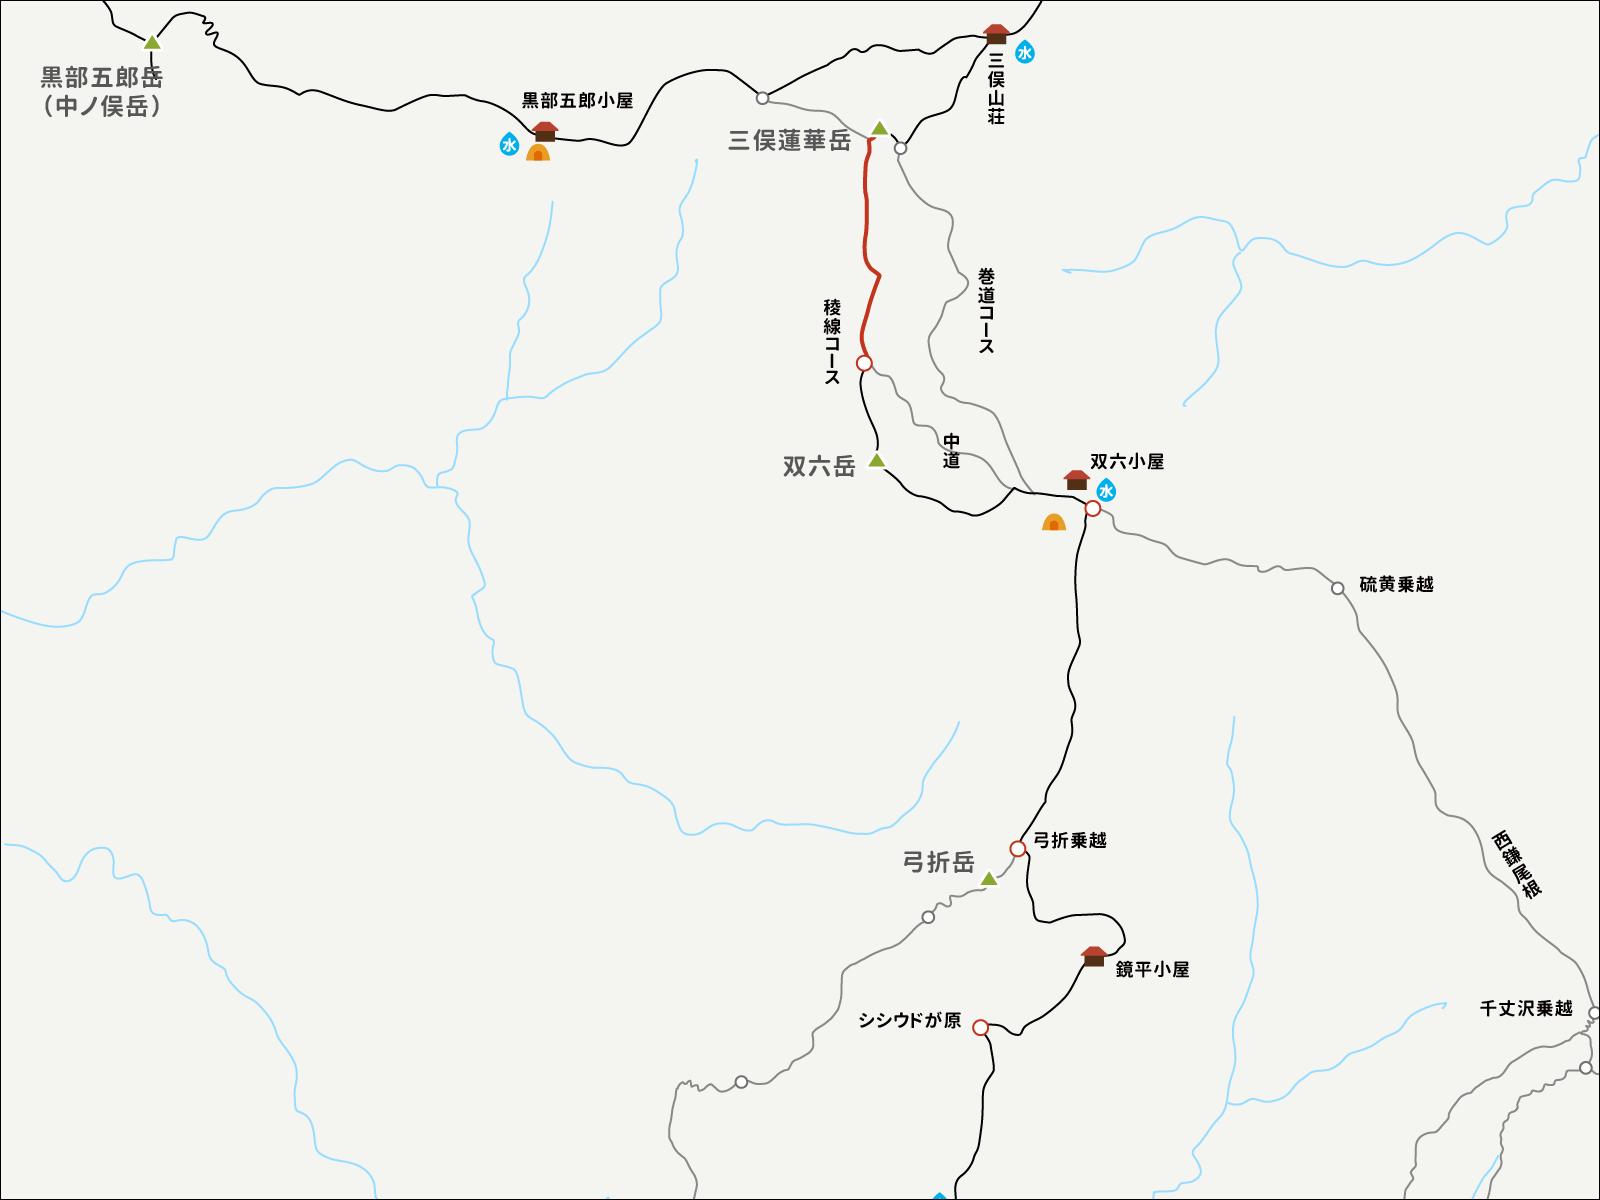 三俣蓮華岳から双六岳へのイラストマップ1